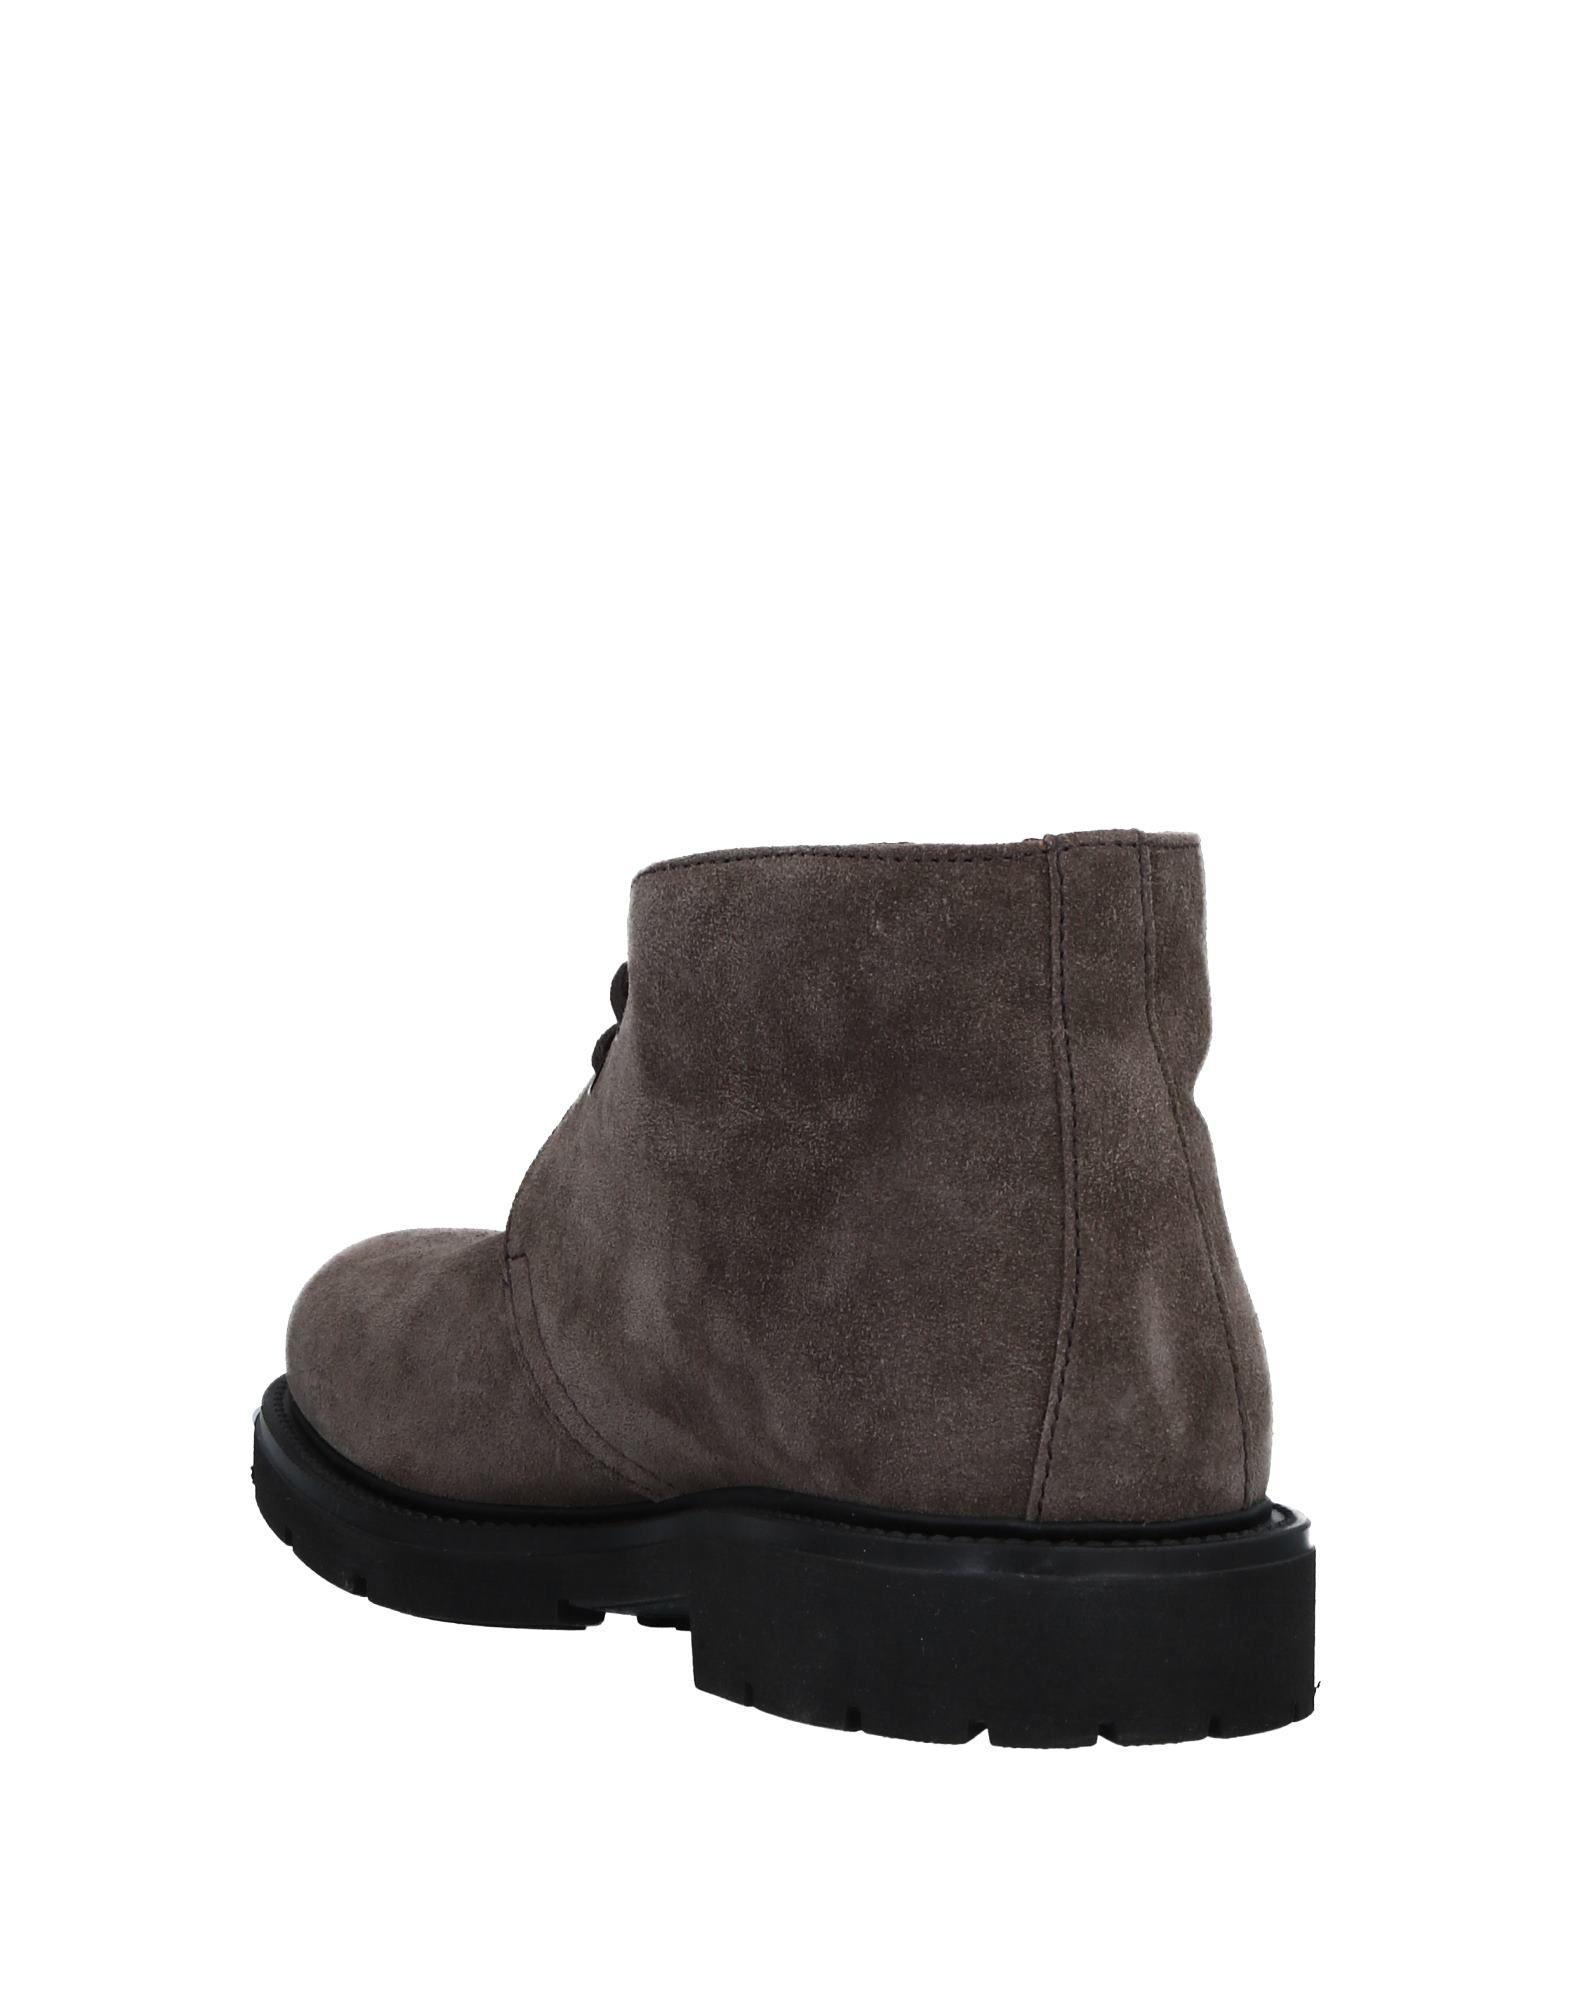 Rabatt echte Schuhe Frau Stiefelette 11534334FW Herren  11534334FW Stiefelette e1a2d4